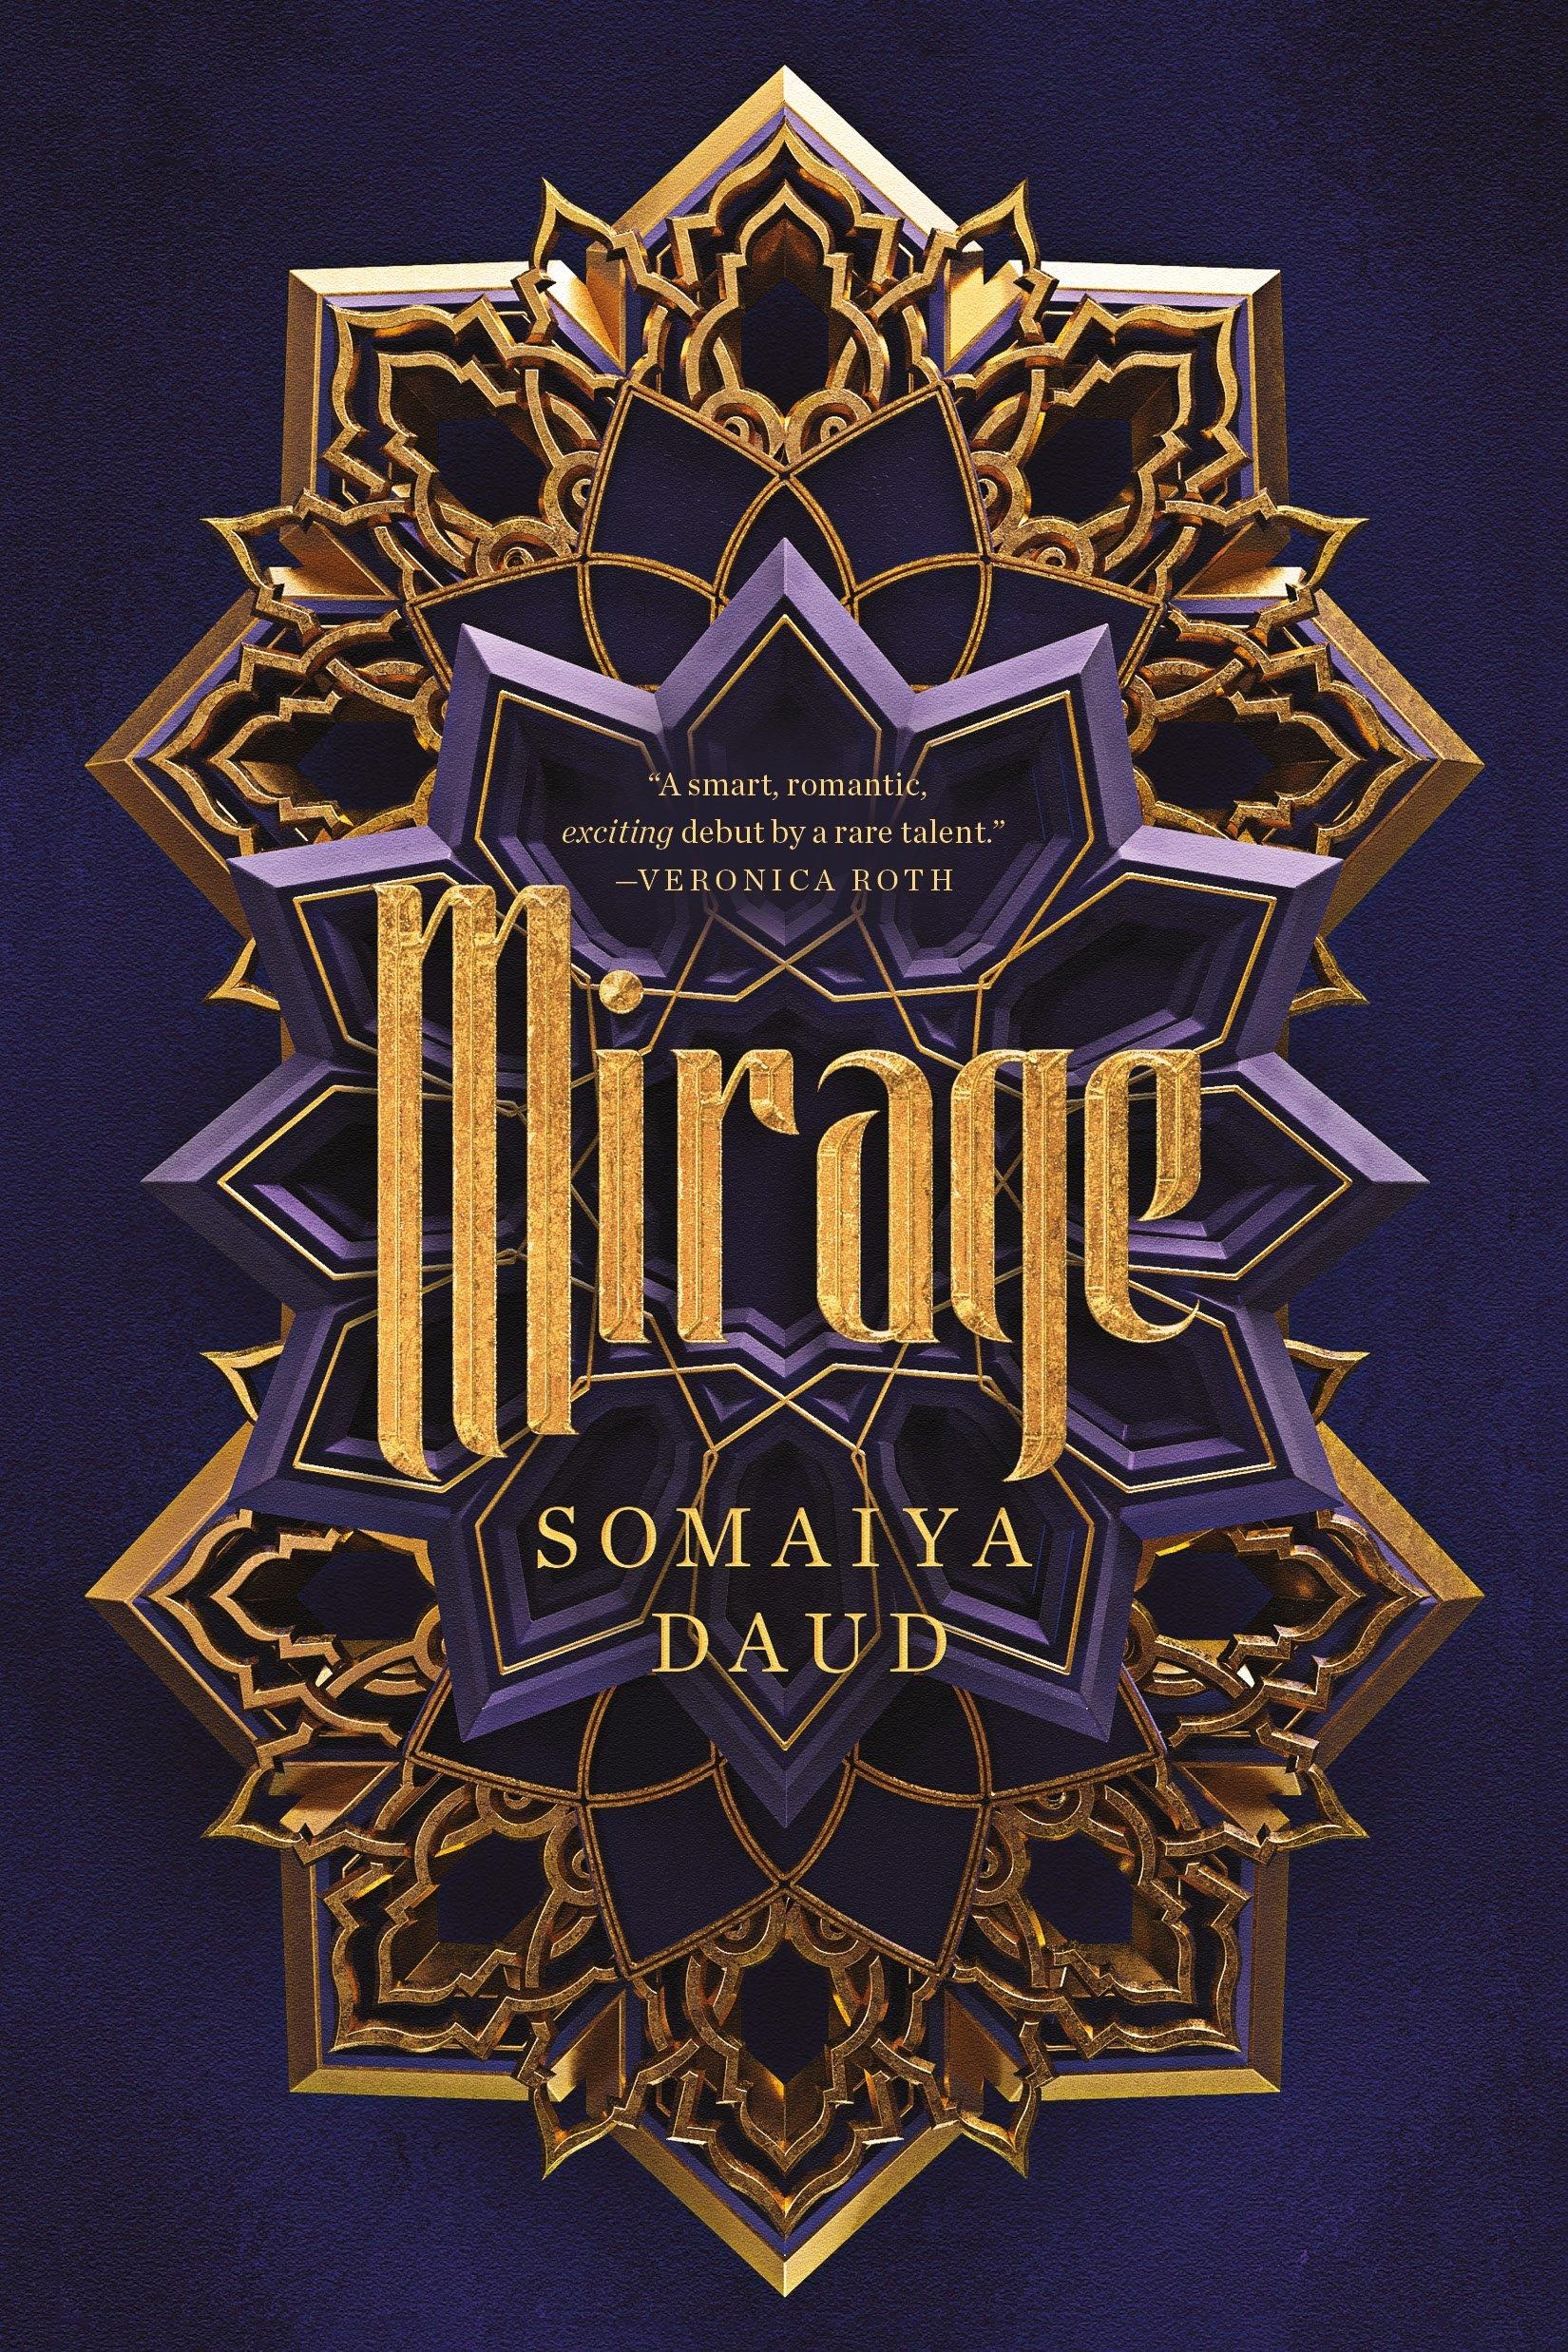 Mirage by Somaiya Daud